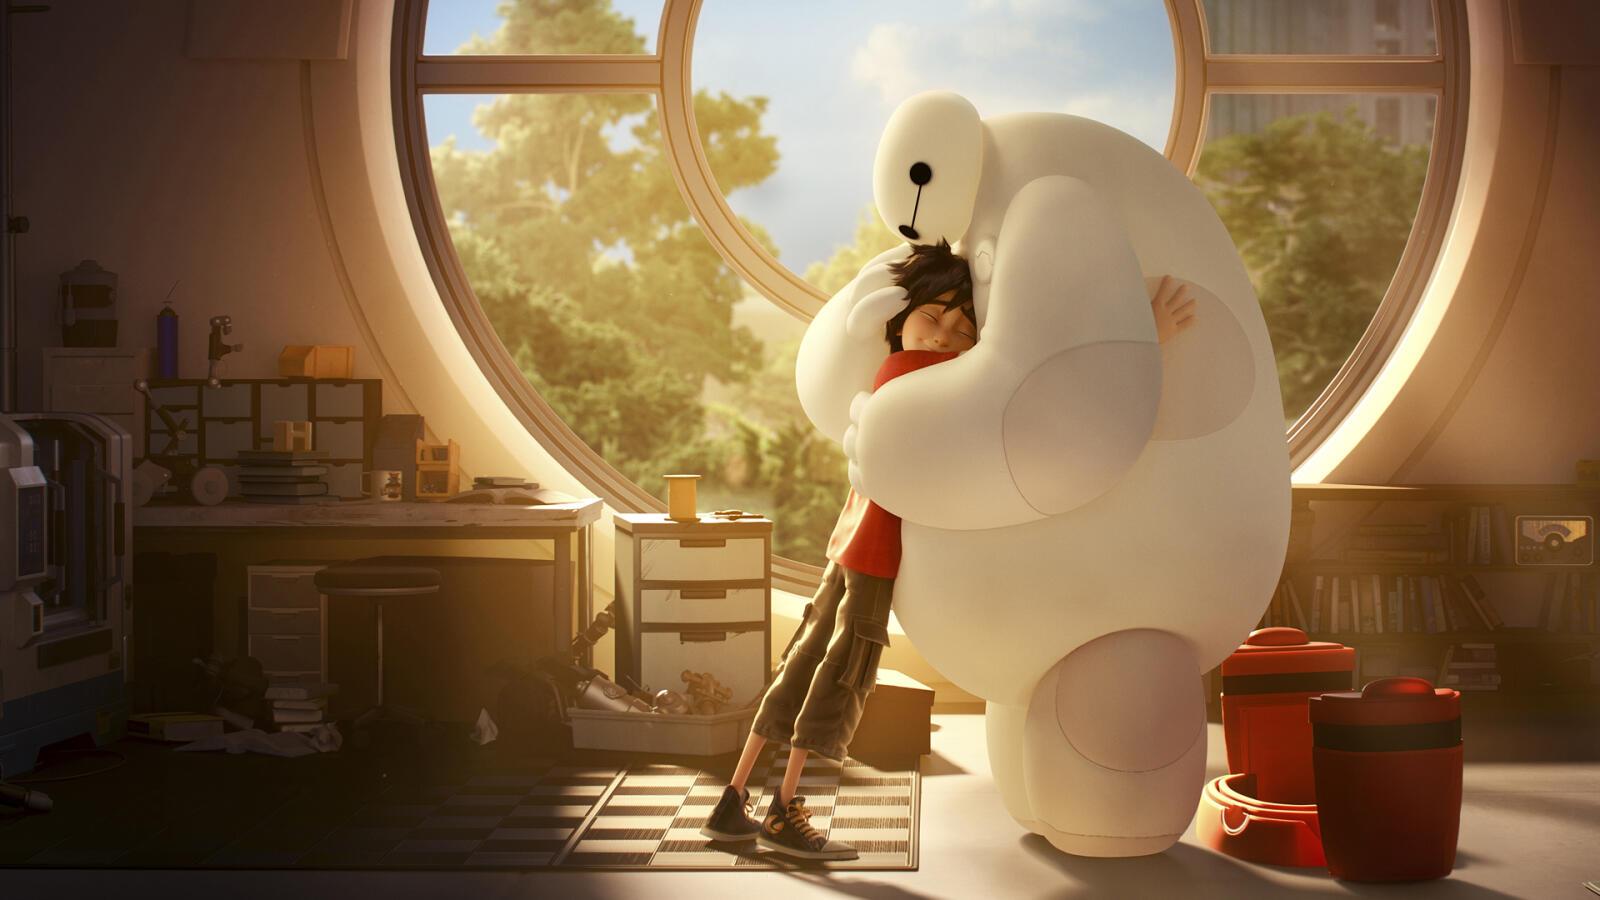 Big Hero 6, plats 10 på listan över de bästa Disneyfilmerna